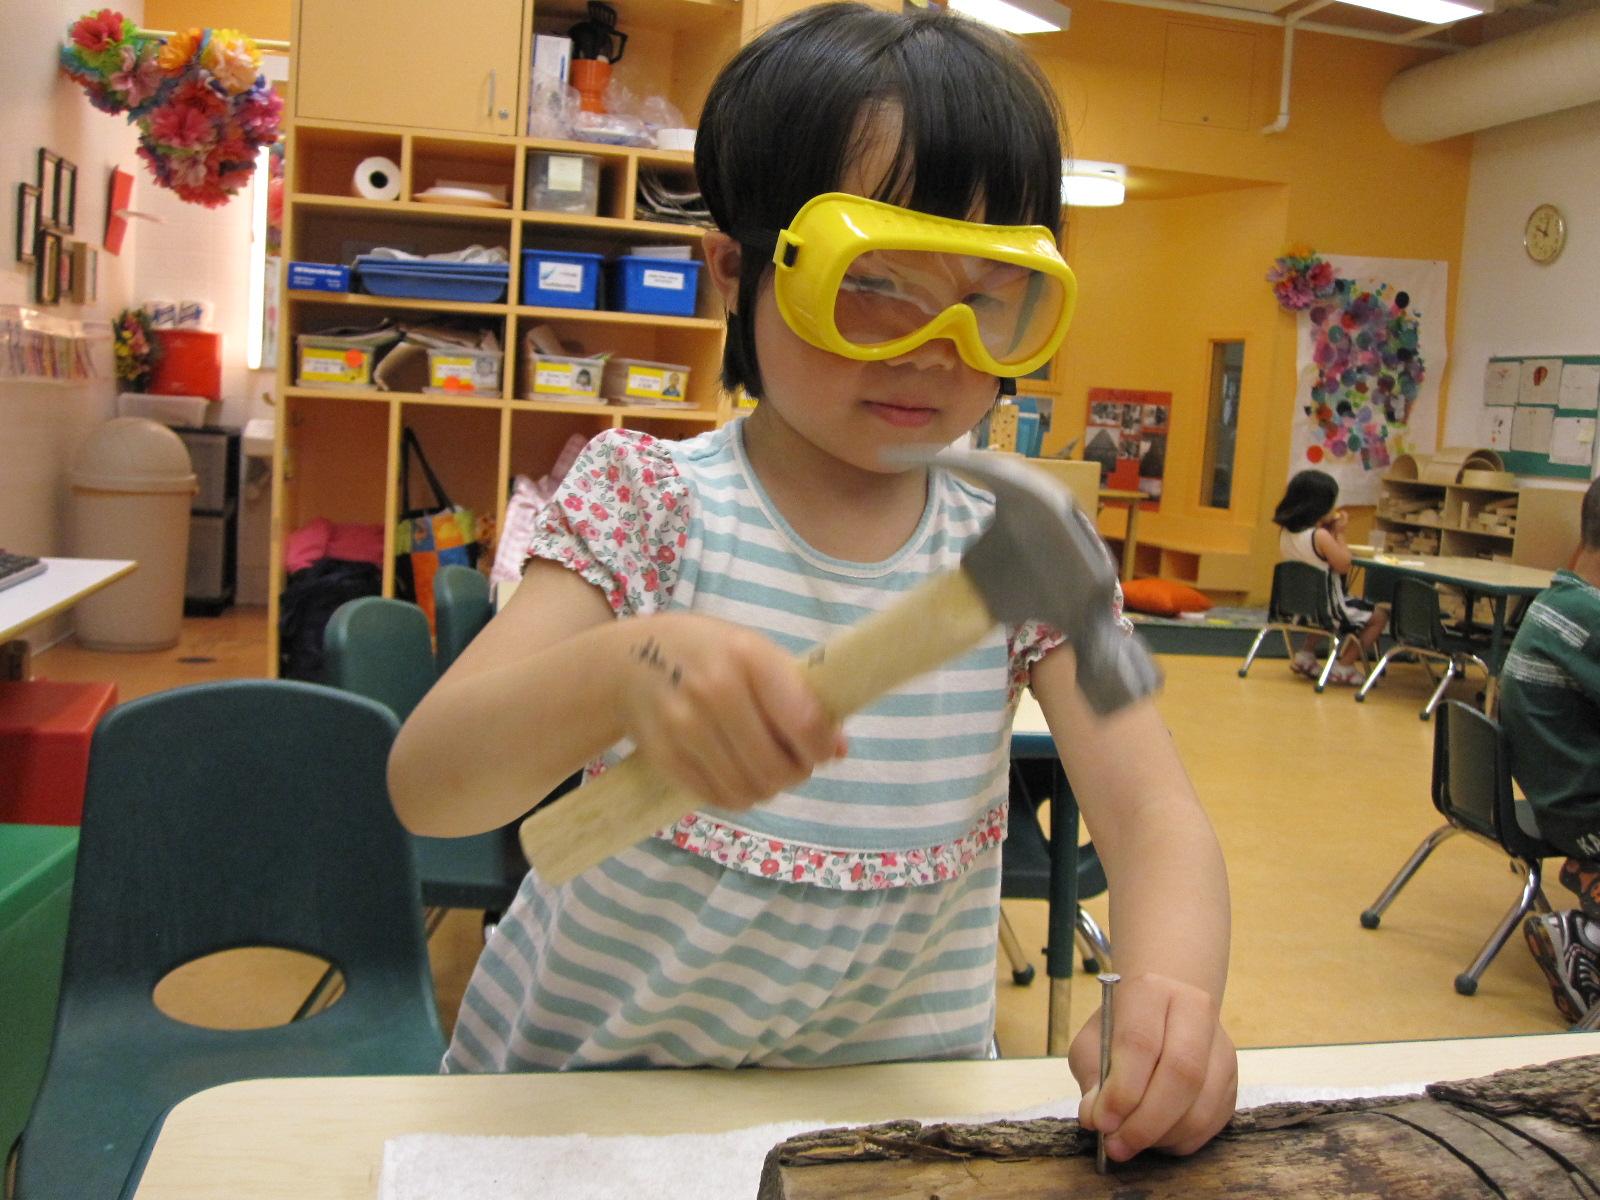 A Garden Woodworking With Preschoolers